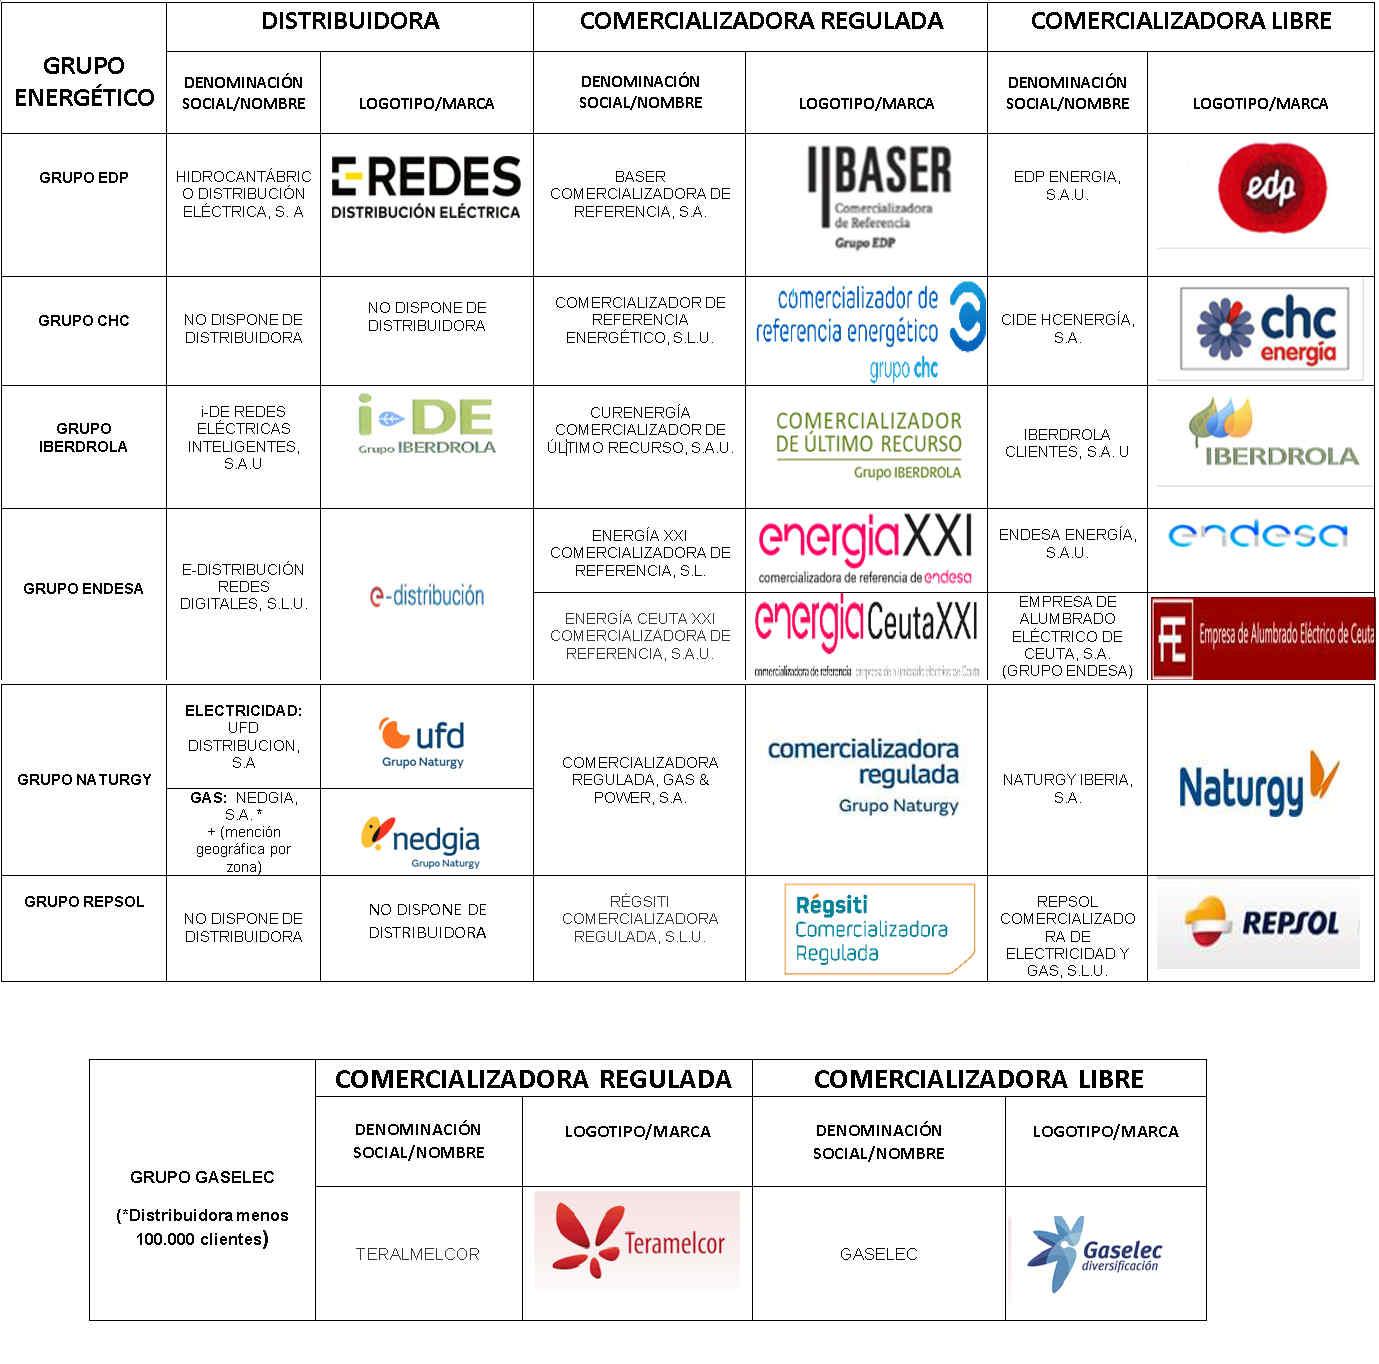 La CNMC supervisa los cambios en la imagen de marca de los grandes grupos energéticos.